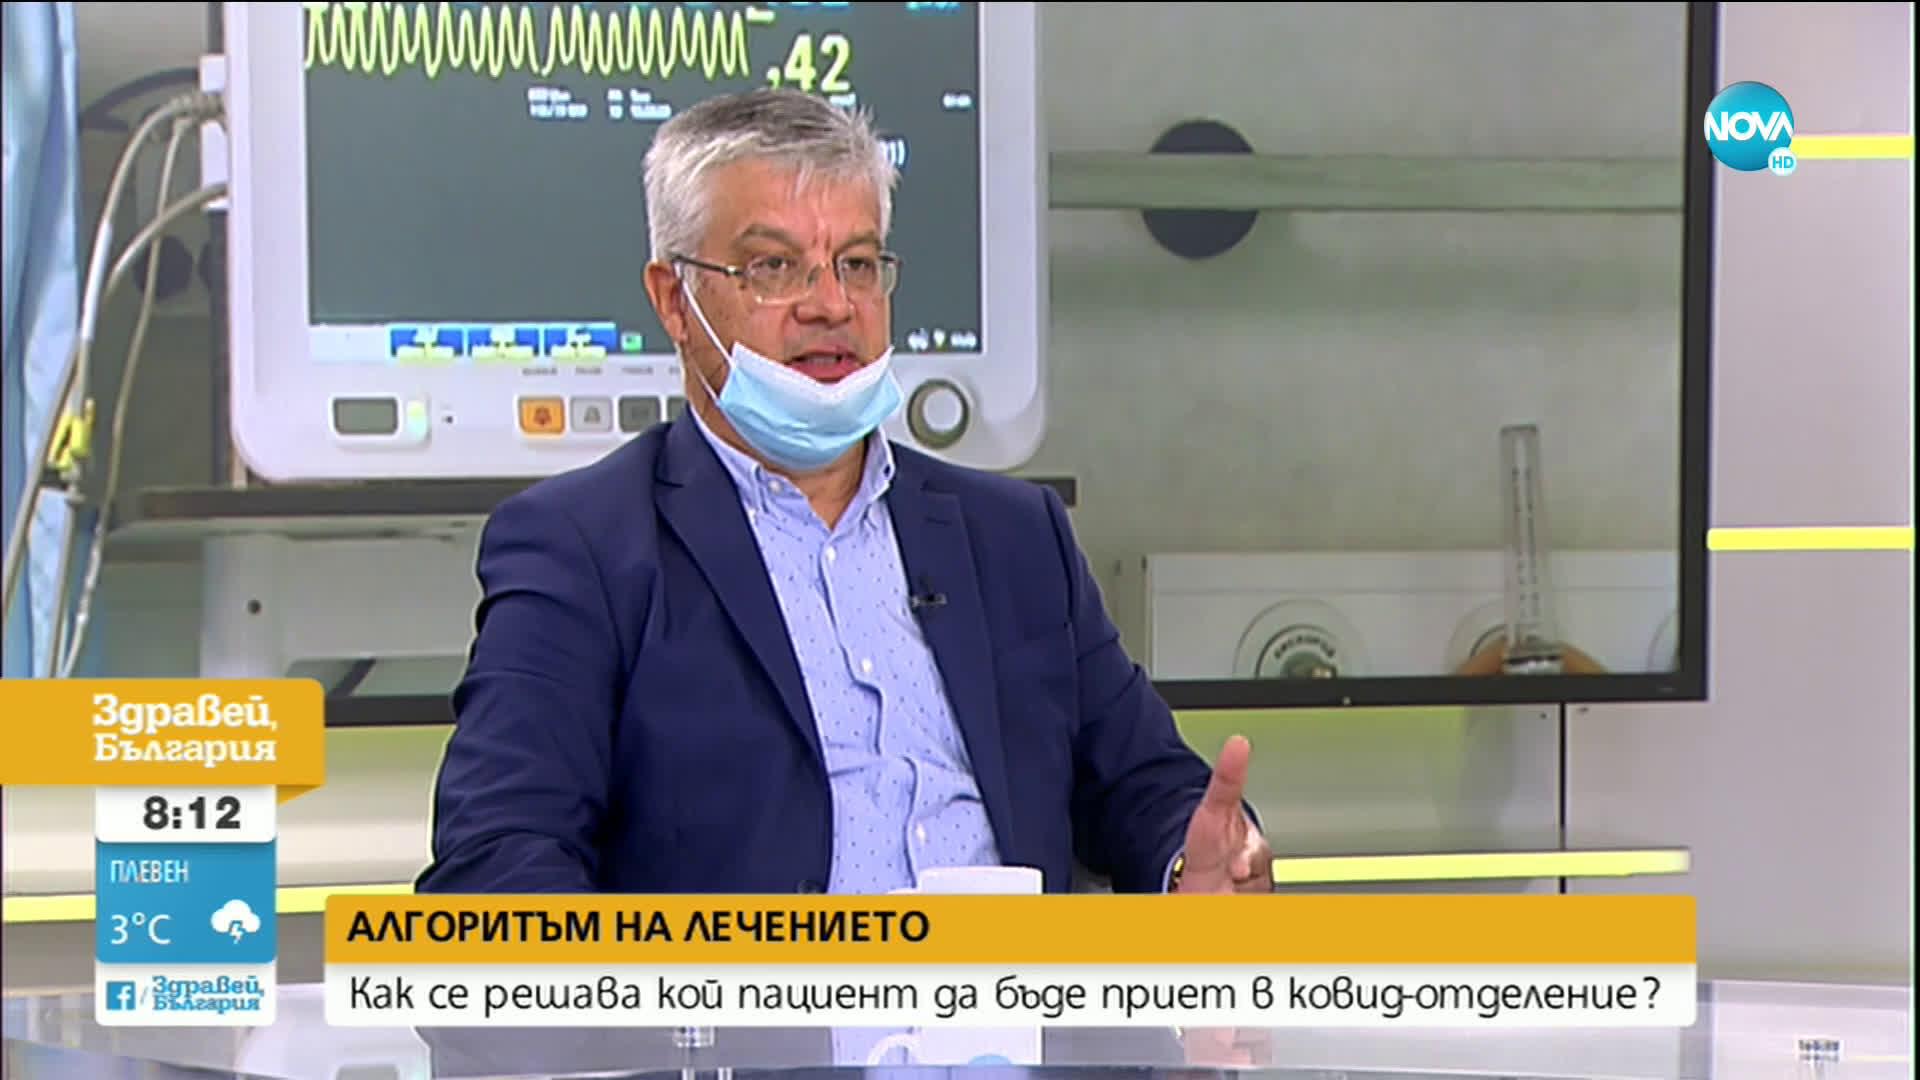 Д-р Колчаков: Проблемът в здравеопазването е хроничен